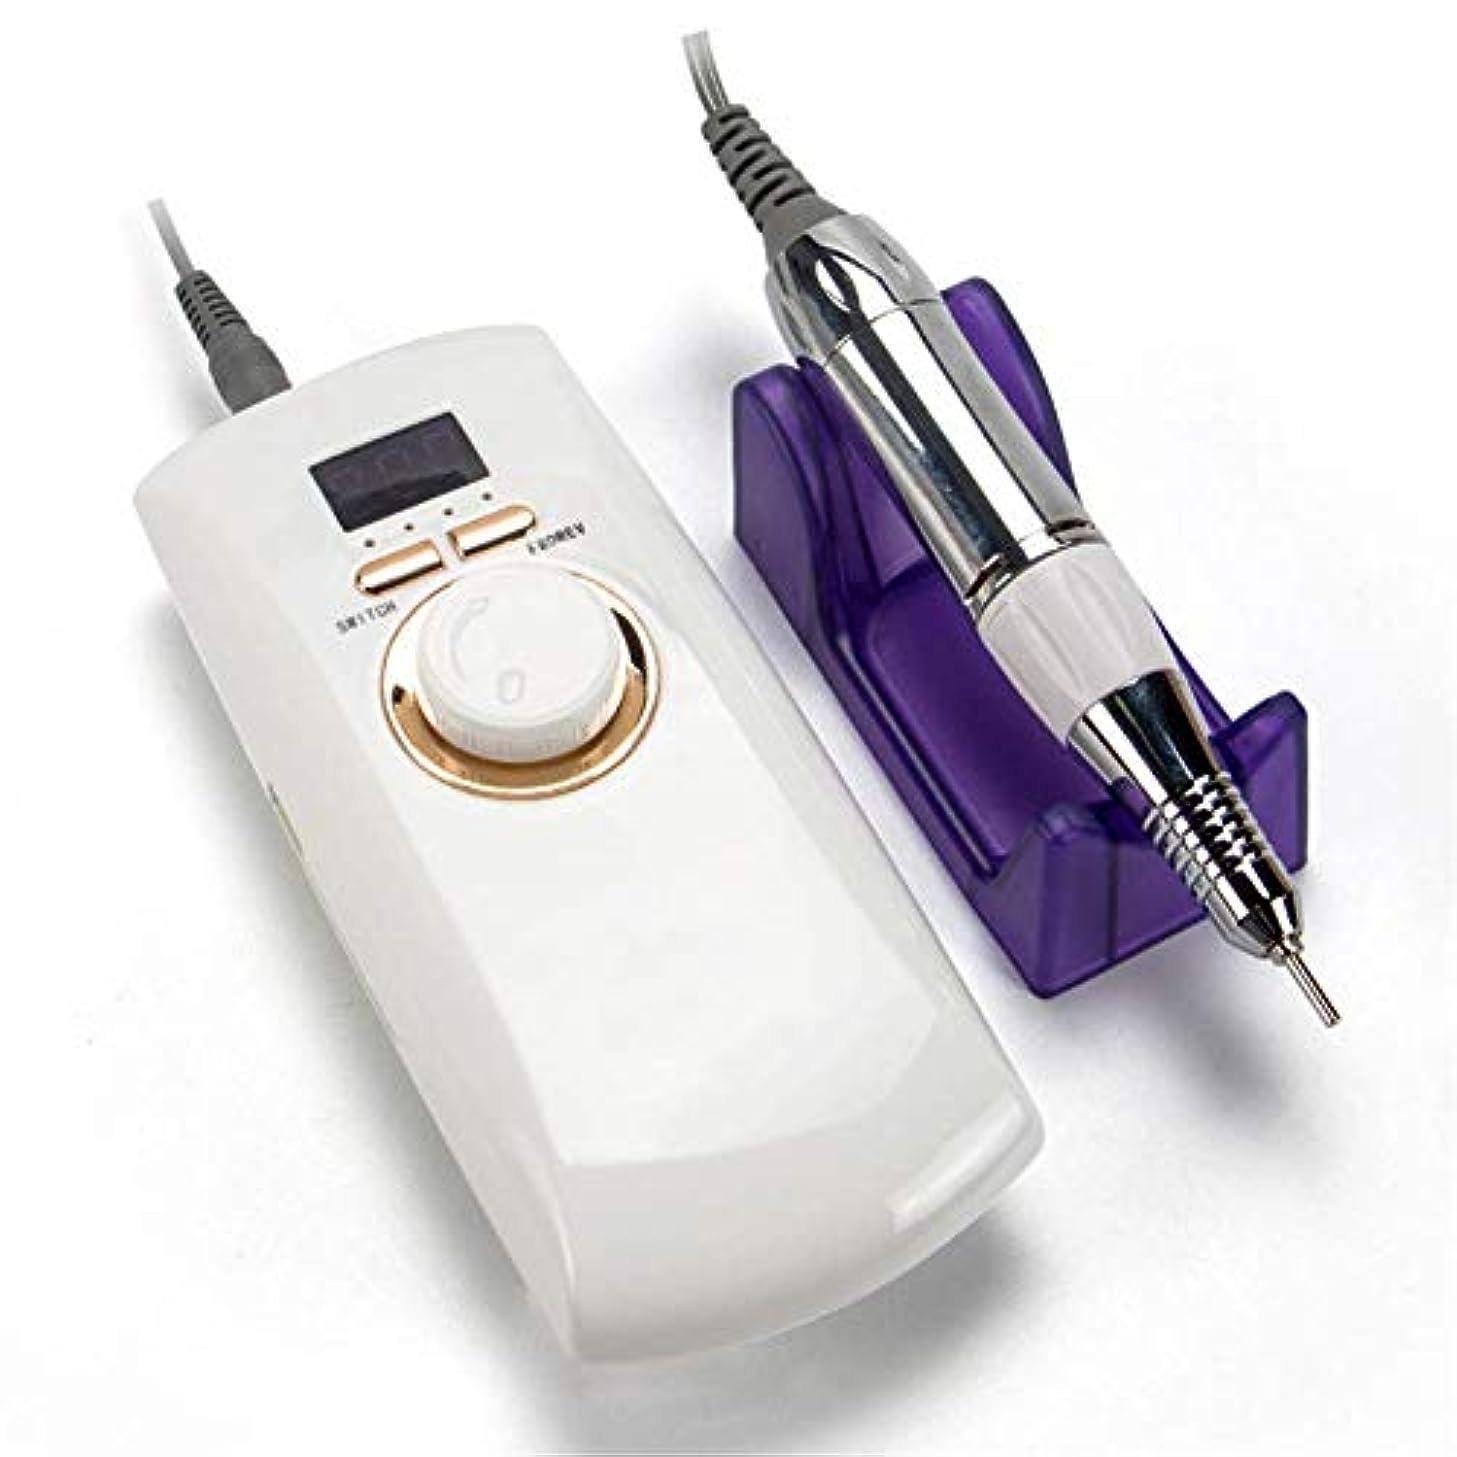 影スクラブ白菜マニキュアツールポータブルネイルポリッシュマシン30000 rpm充電式電気機械ペディキュアアクリル電気ネイルアートドリル機